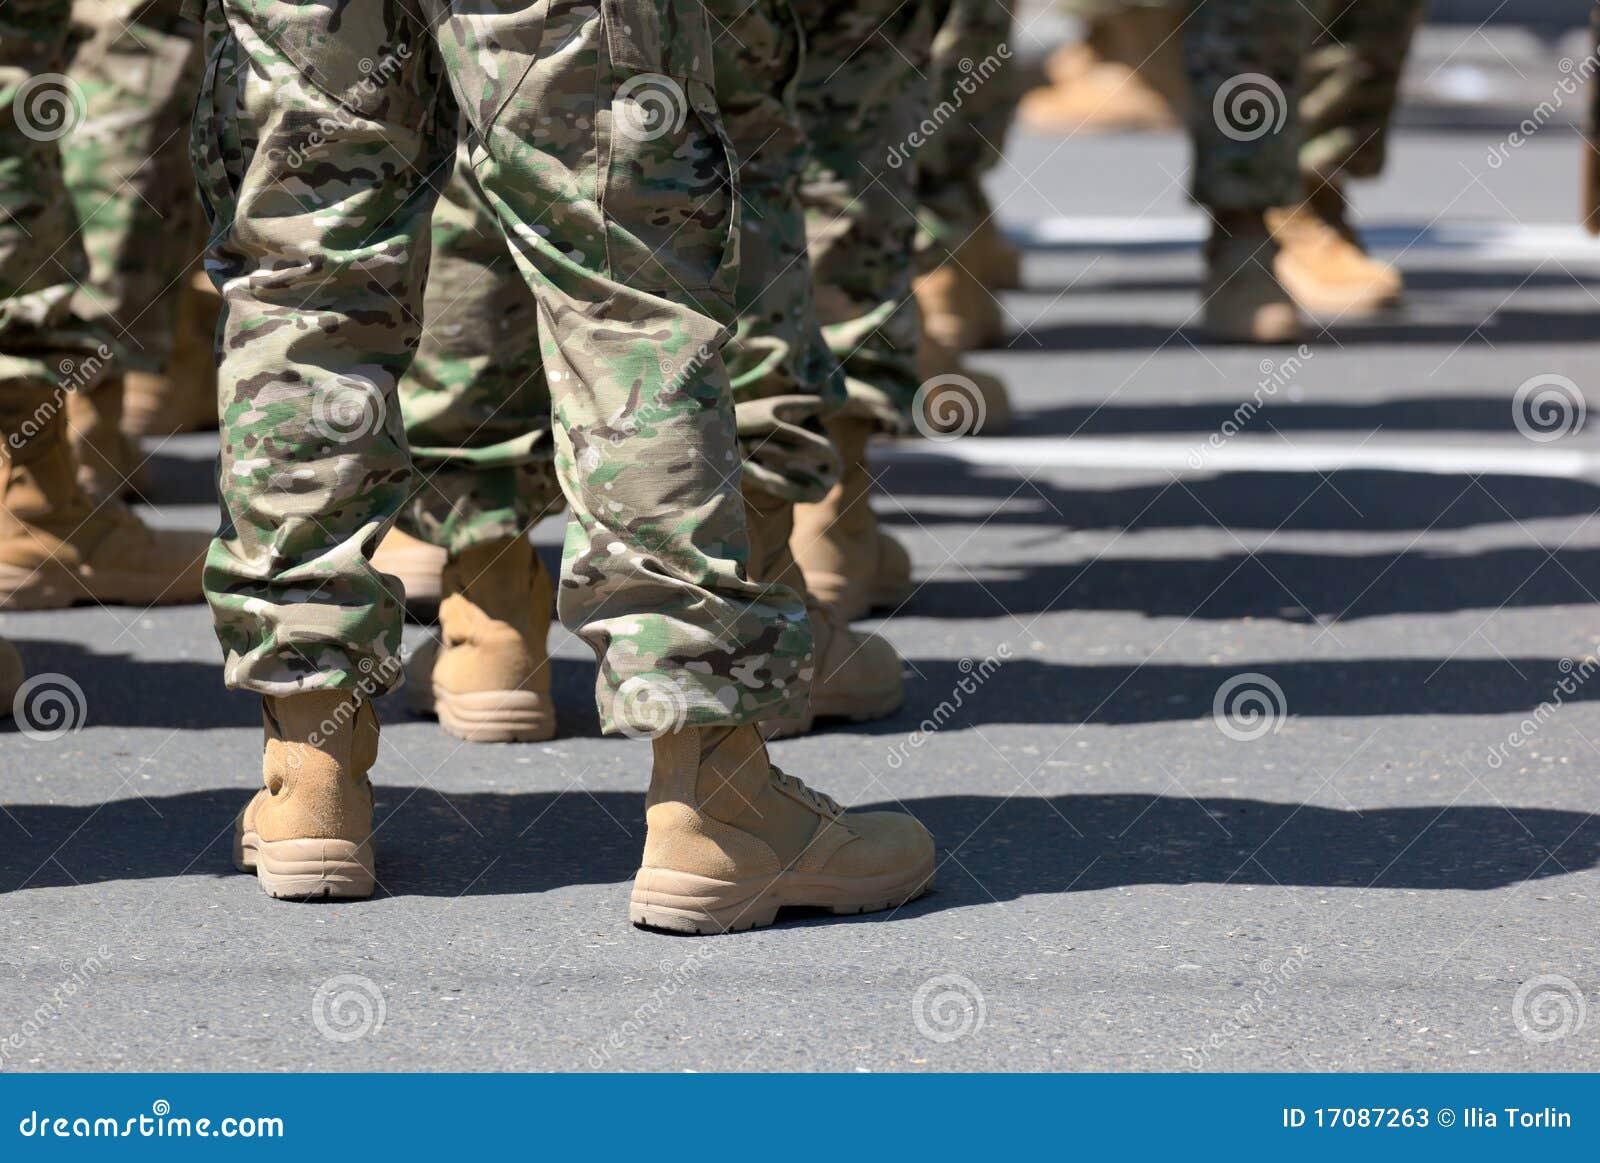 Soldats dans les gaines. Tbilisi. La Géorgie.